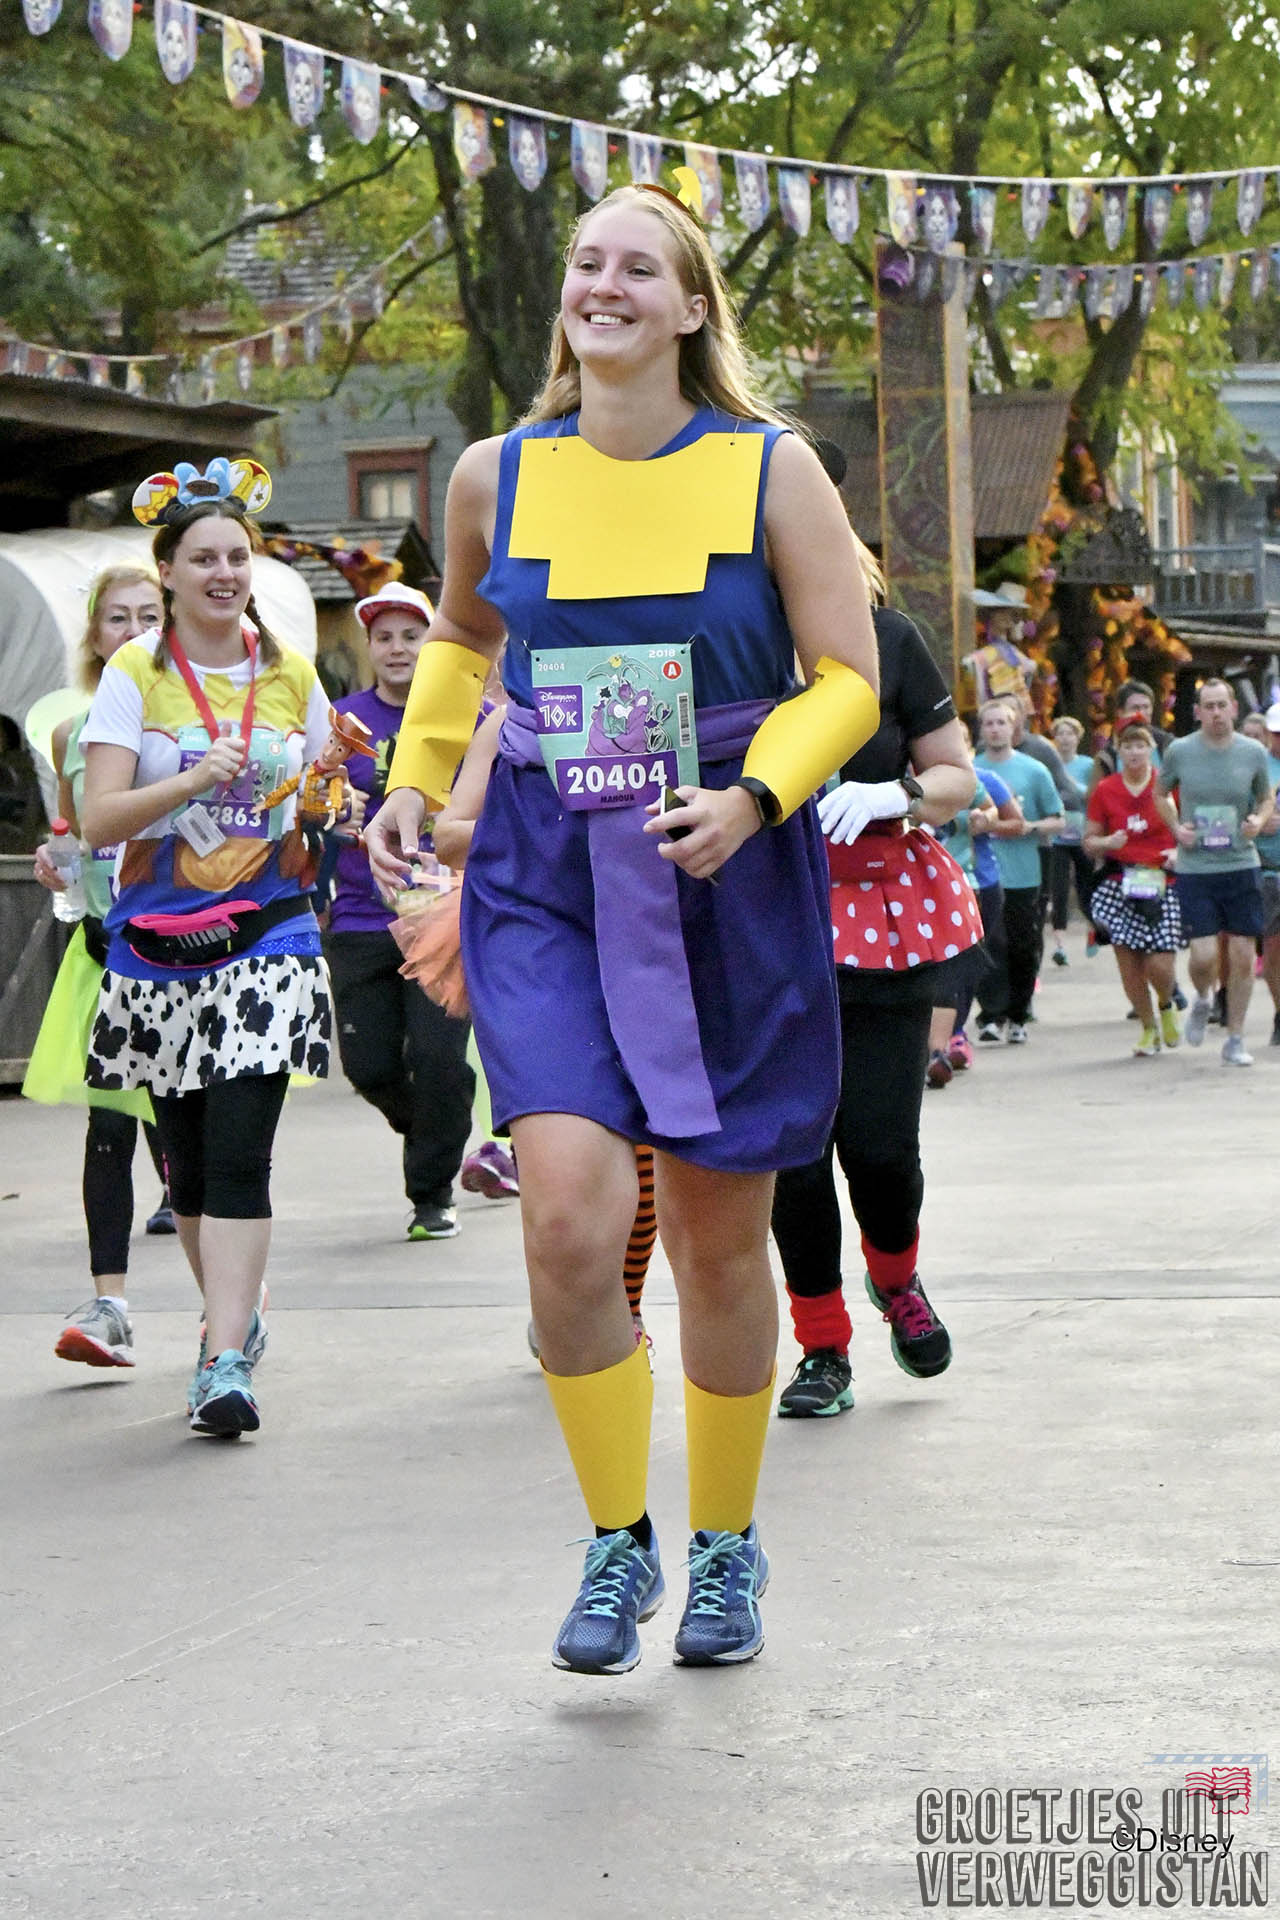 Hardlopen door Frontierland verkleed als Kronk tijdens het Magic Run Weekend